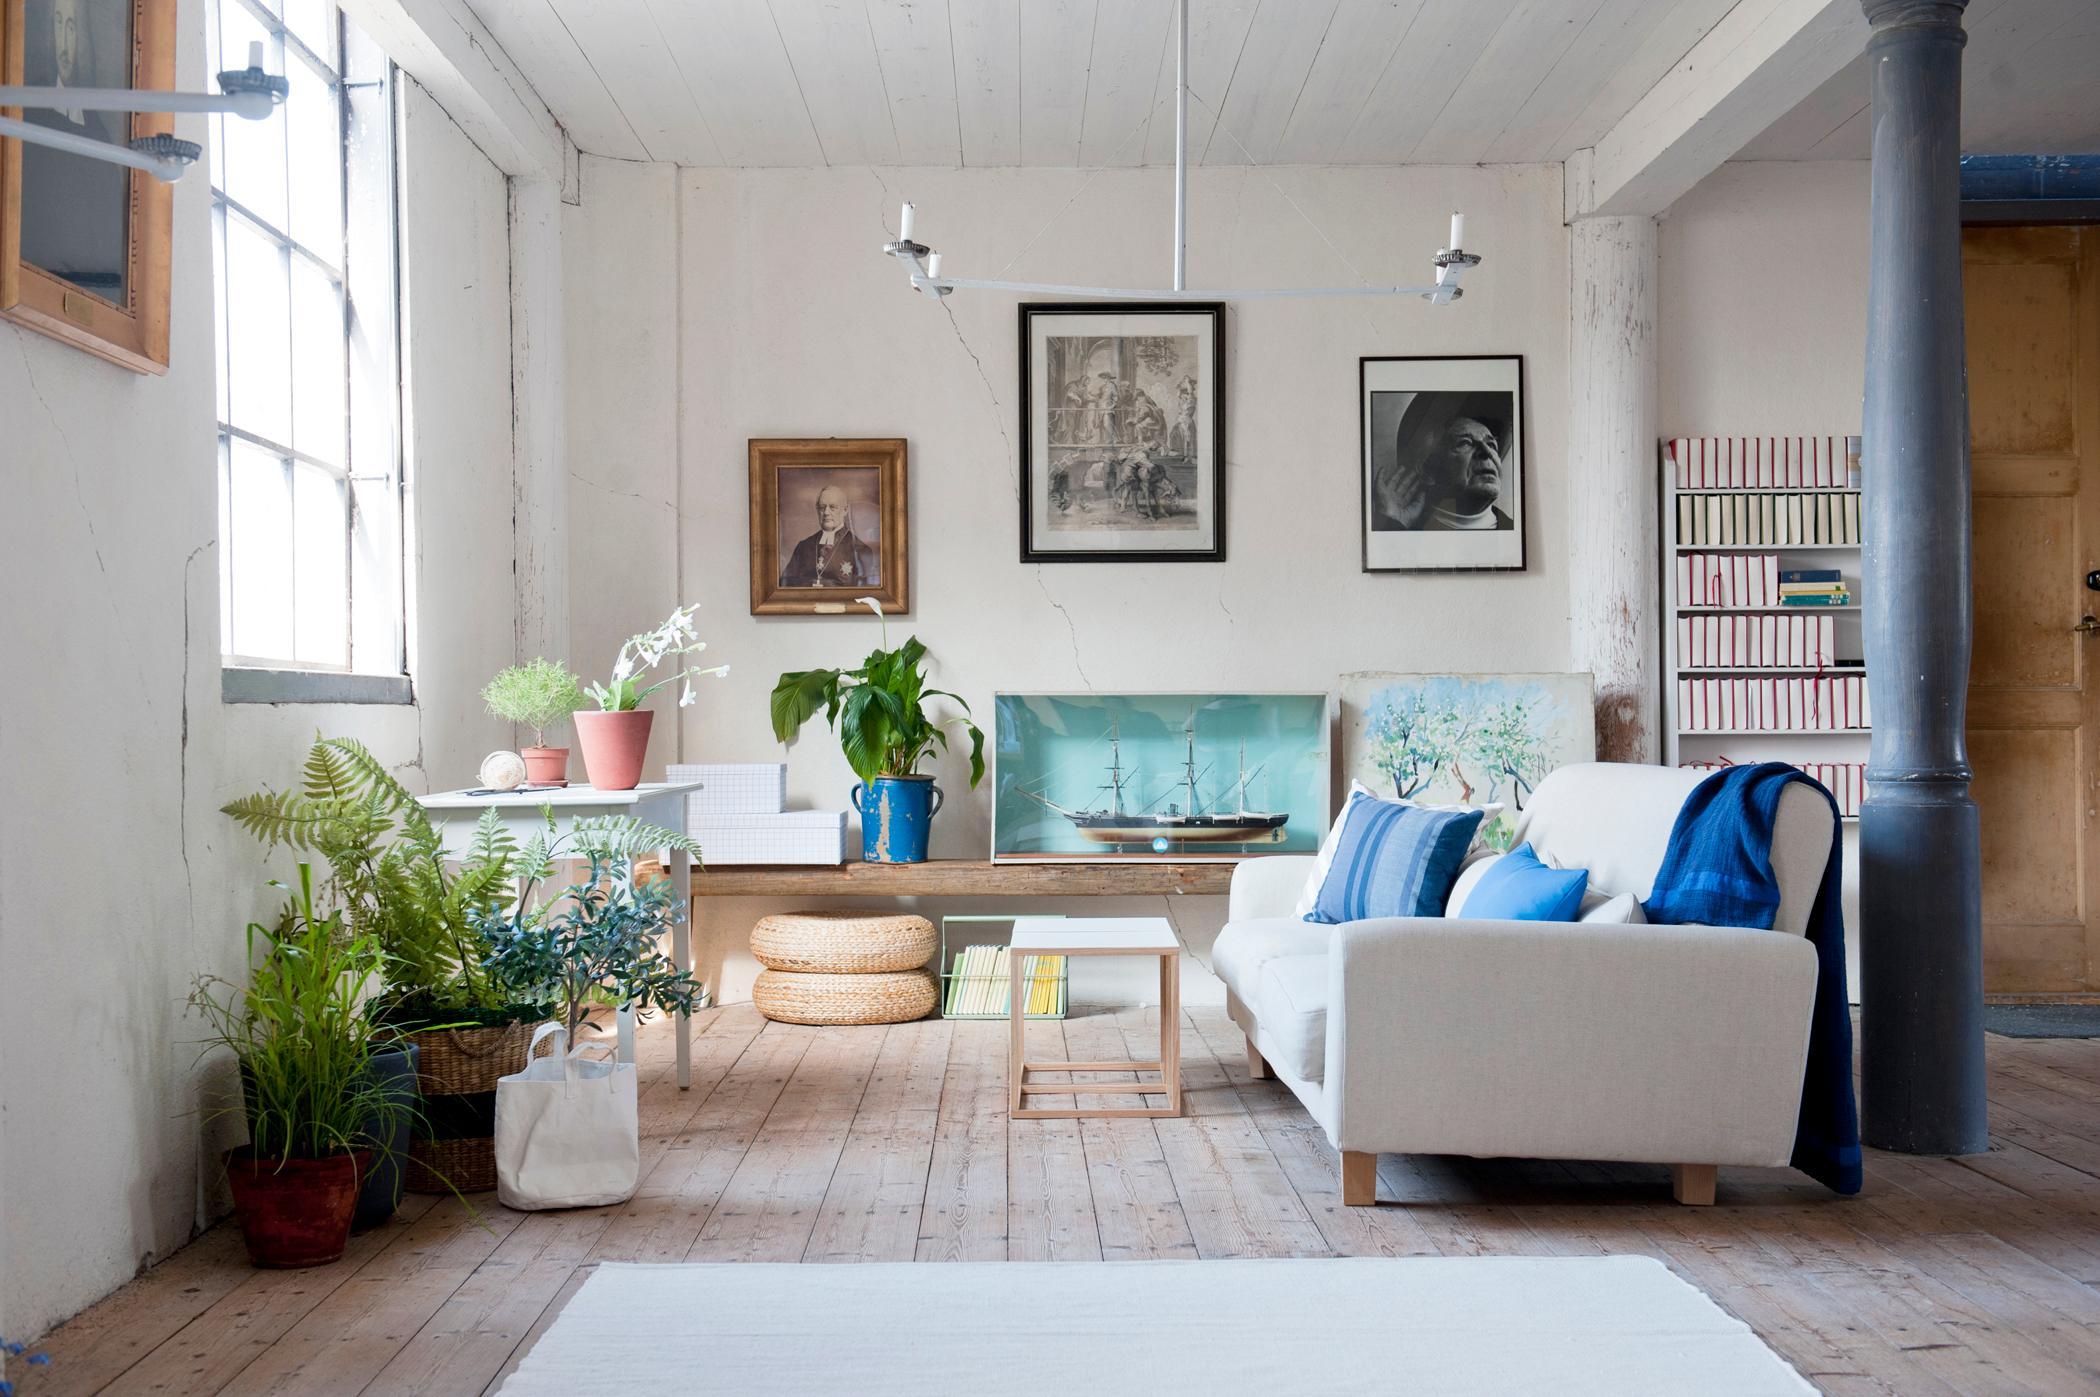 Wohnräume Gestalten säule bilder ideen couchstyle